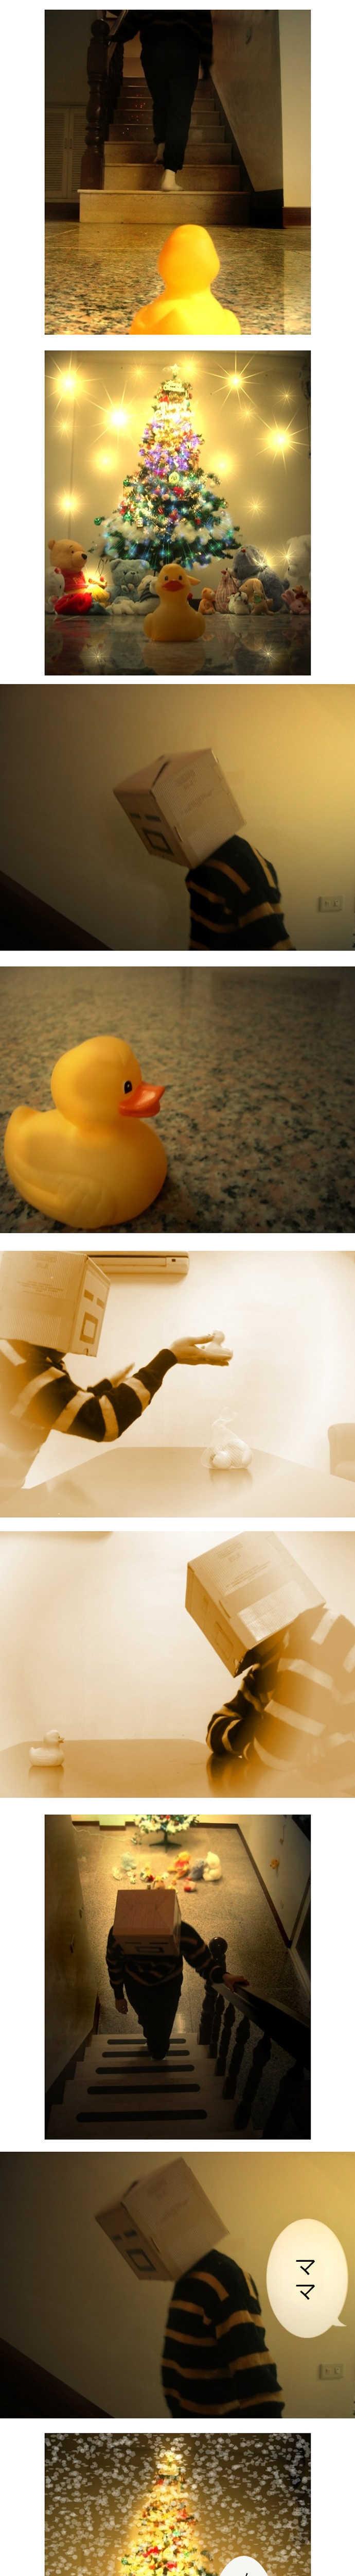 小鴨の母探し